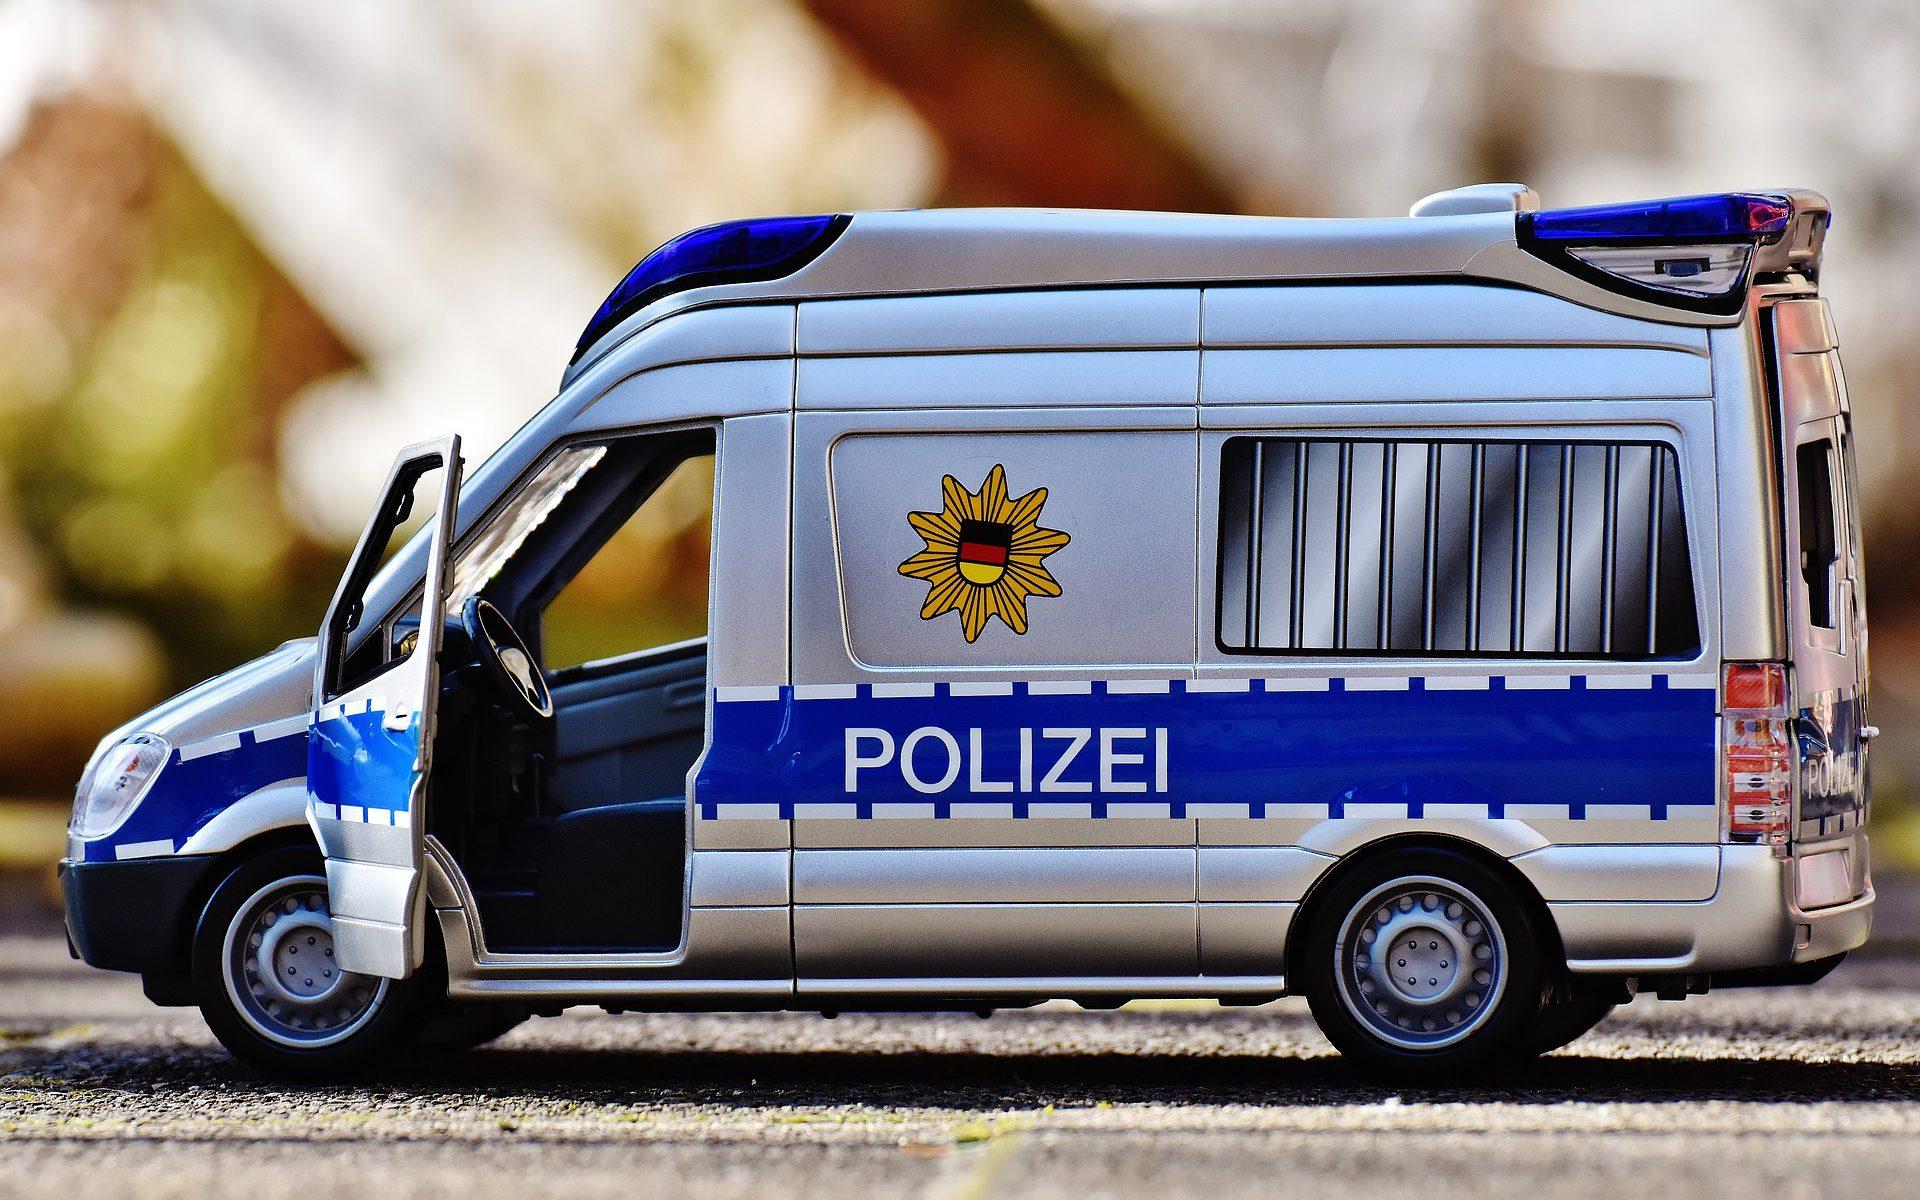 Leipzig braucht echte Polizisten – gut ausgebildet, anständig ausgestattet und ohne hunderte unbezahlter Überstunden